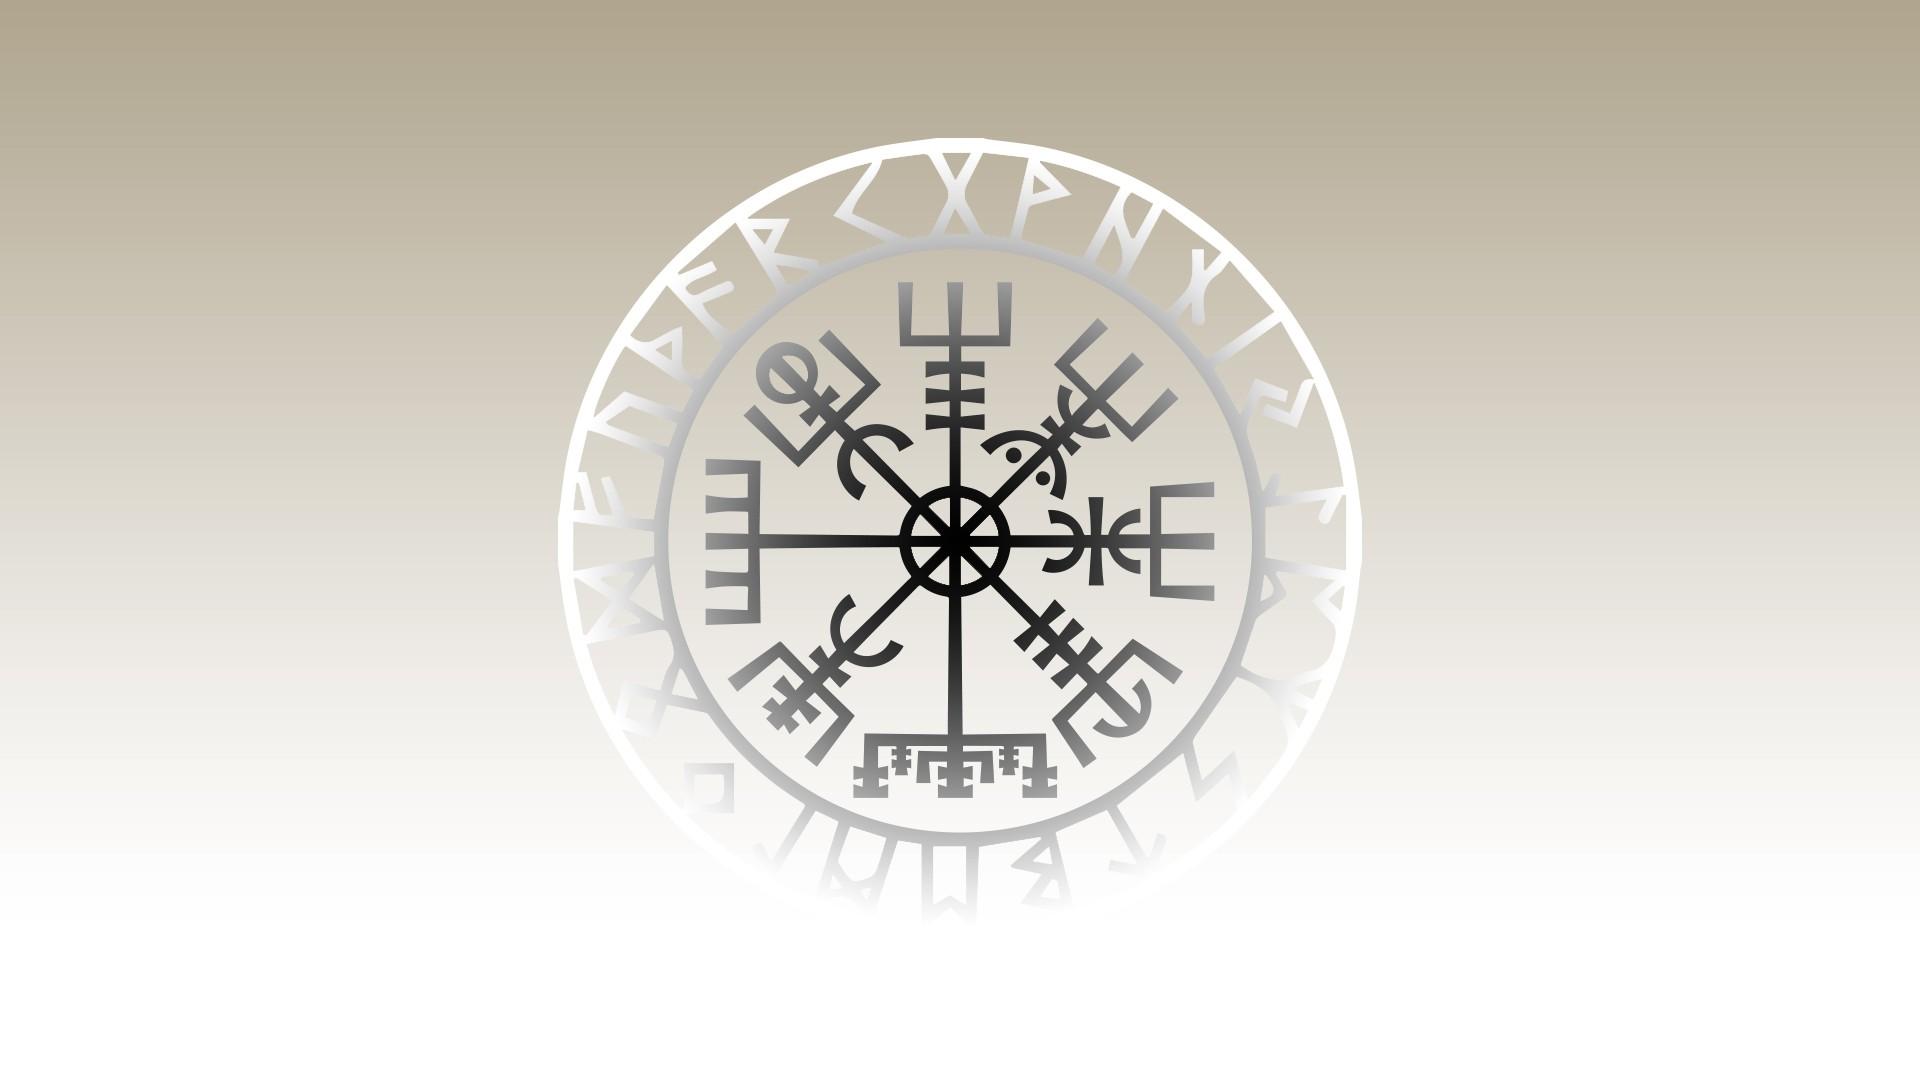 9e2c5867 Wallpaper : logo, Vikings, Vegv sir, brand, label, hand 1920x1080 ...